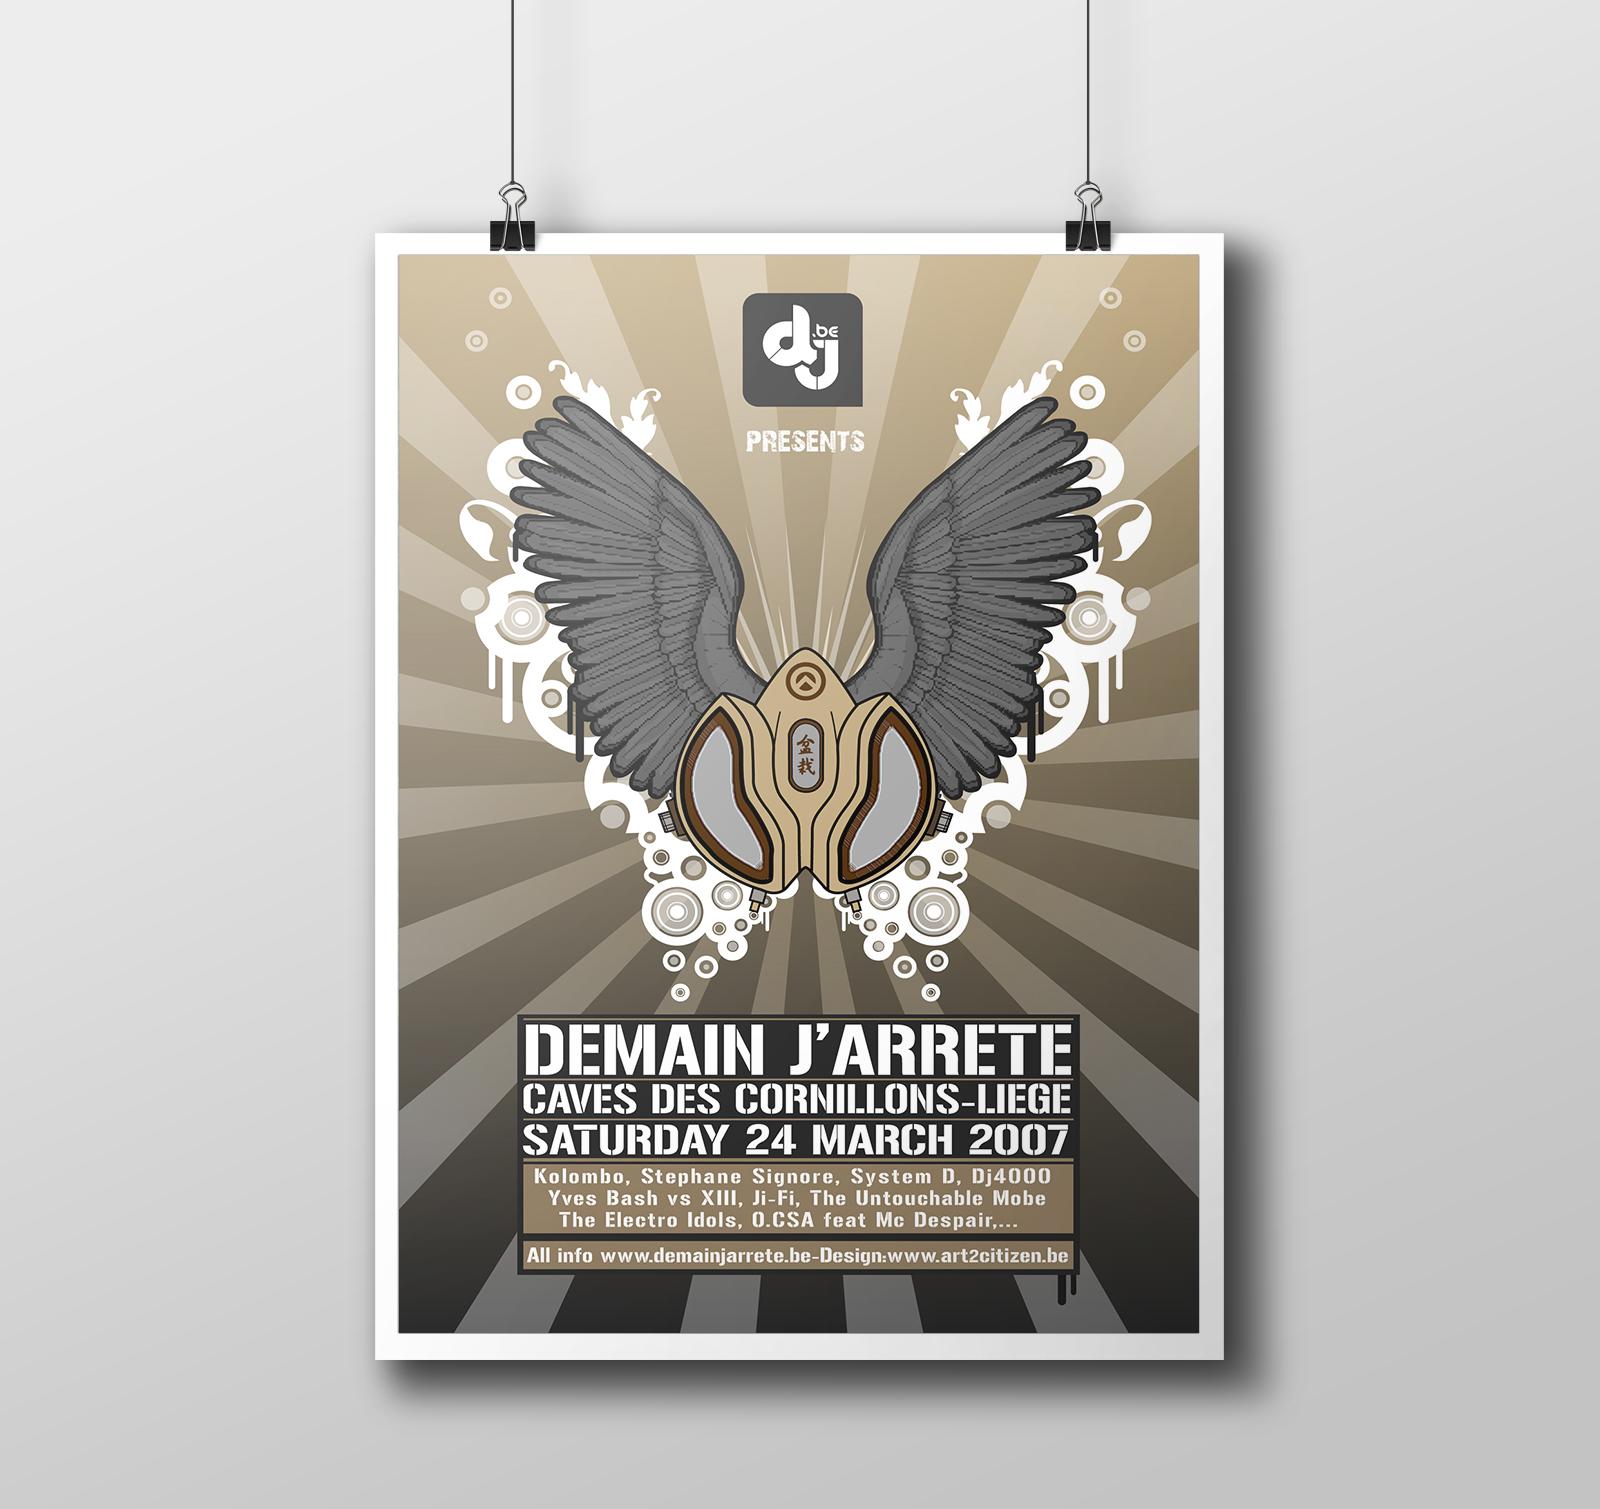 poster_mockup_MD-2d06